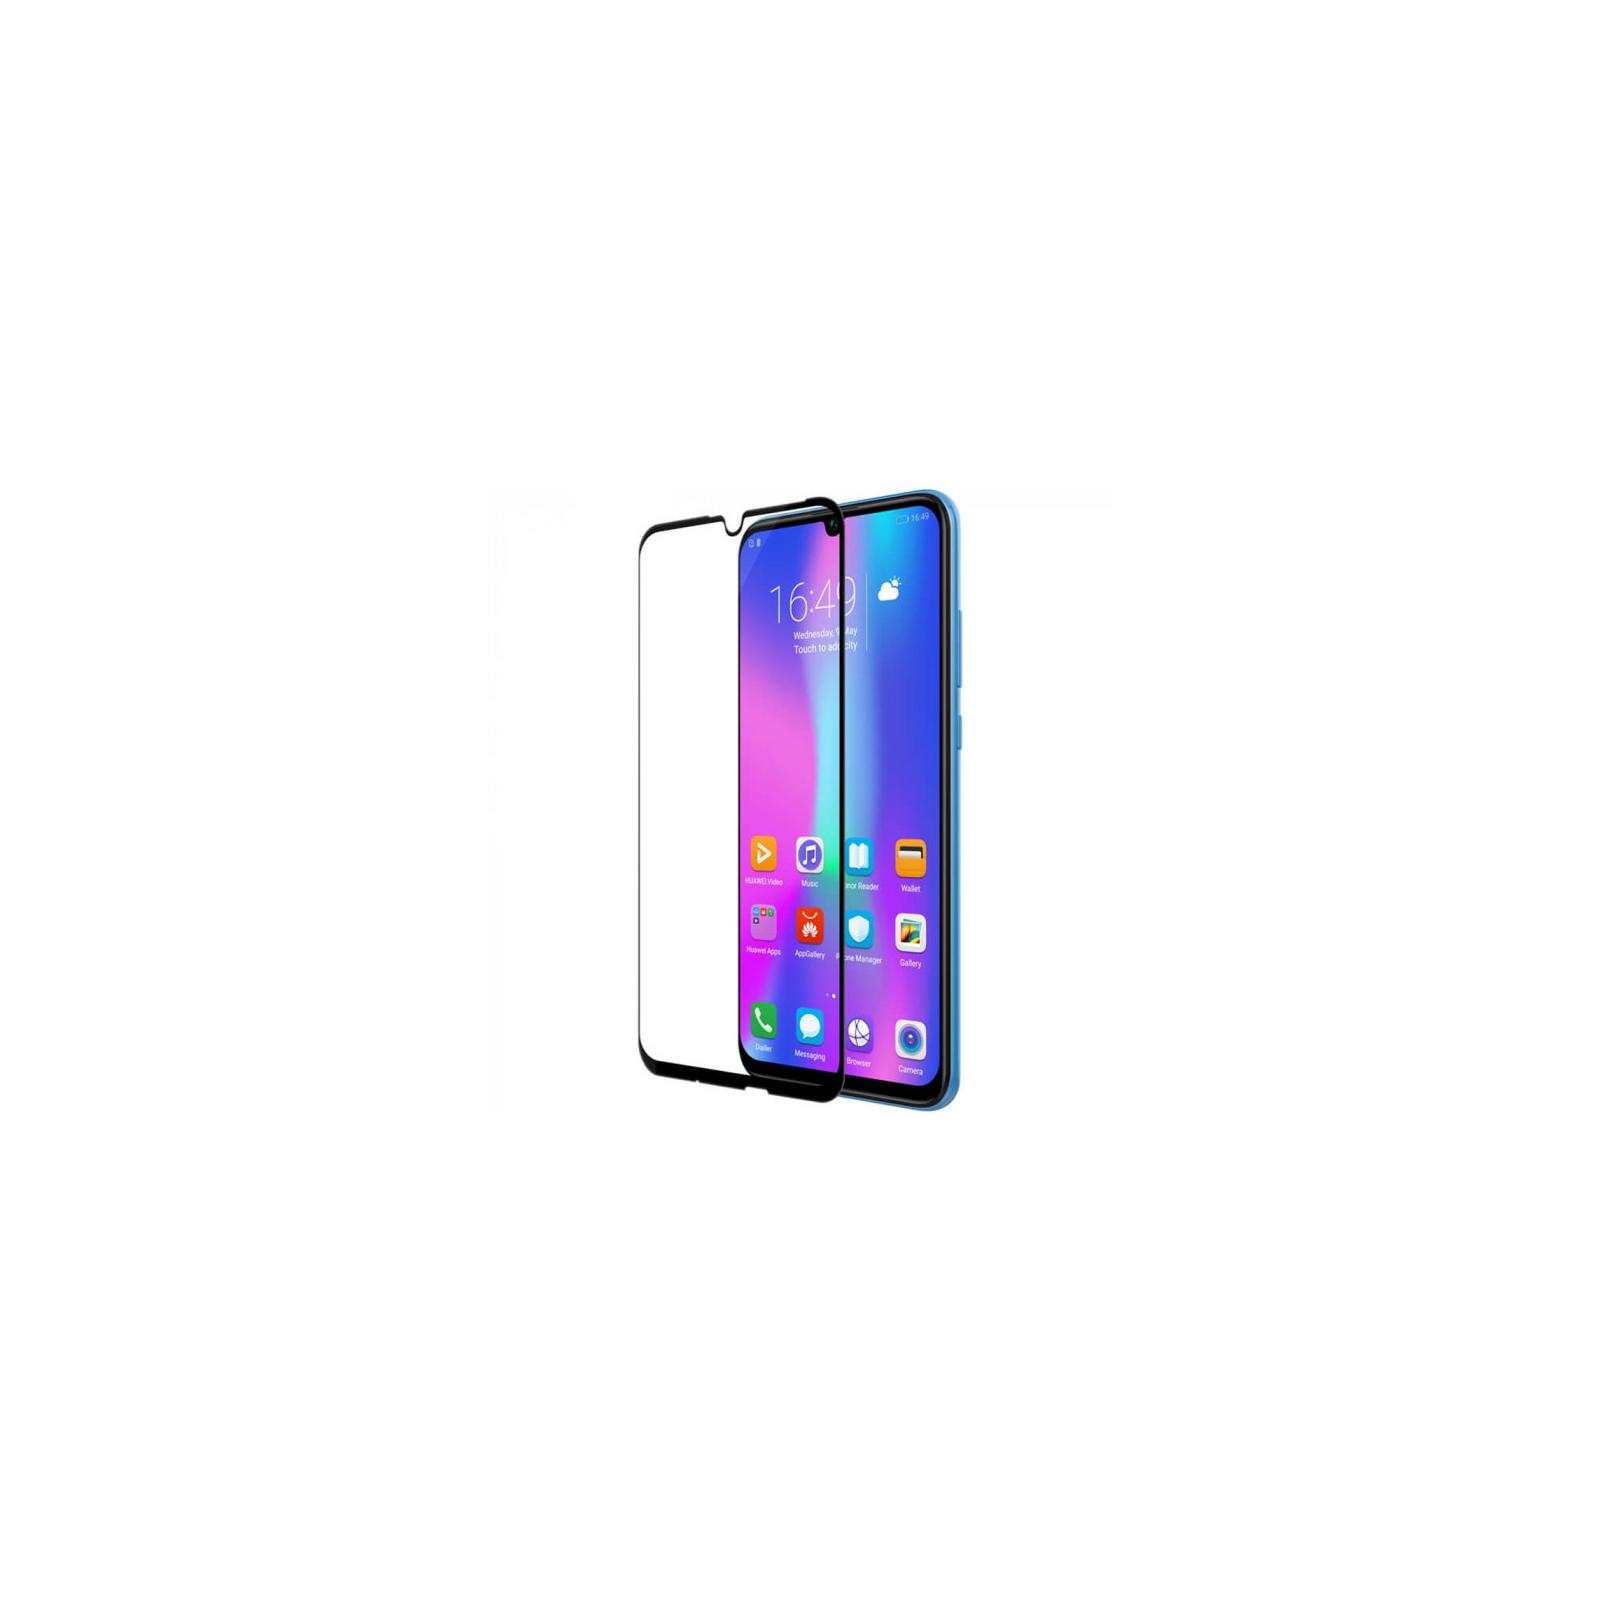 Стекло защитное Drobak для Huawei P Smart 2019 (Black) (448426) изображение 2